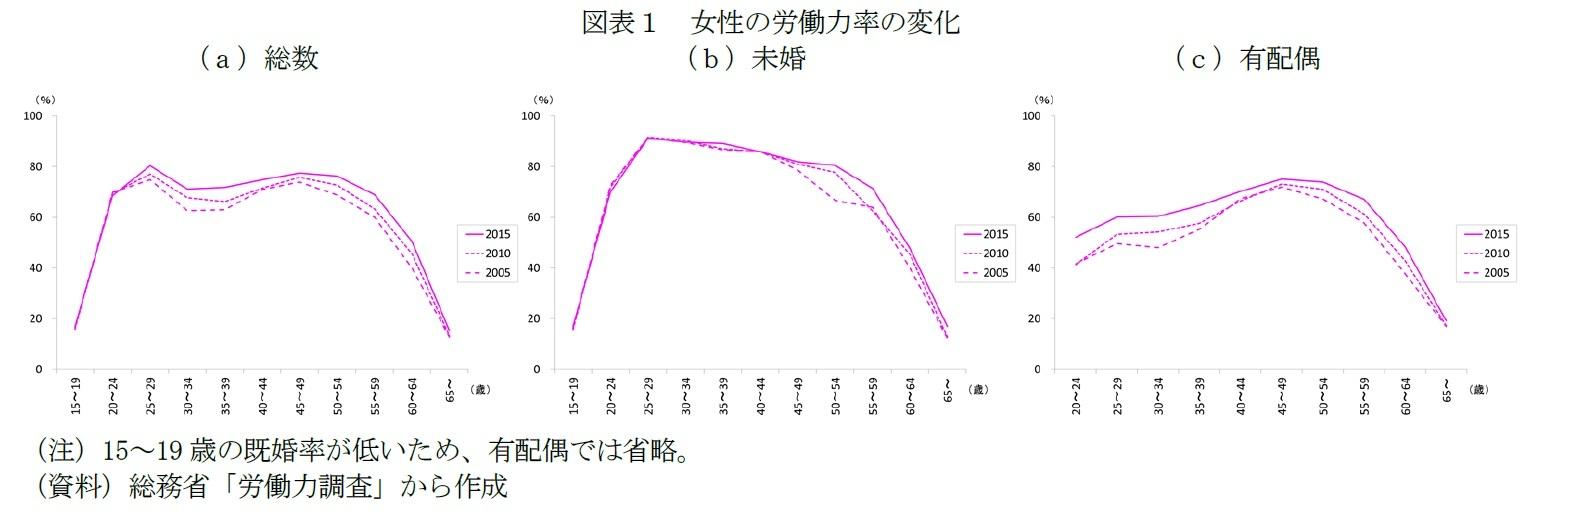 図表1 女性の労働力率の変化